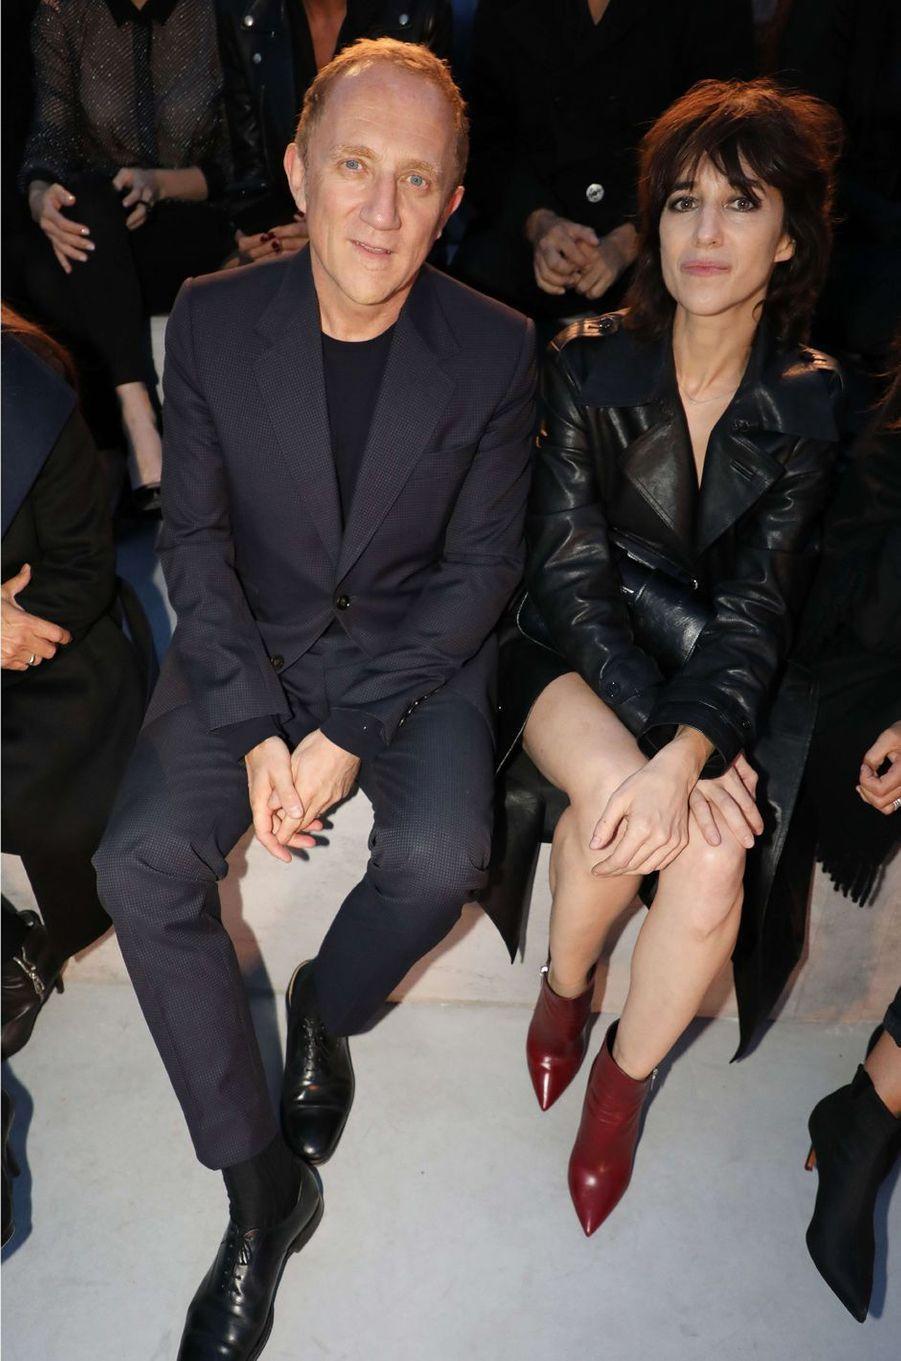 François-Henri Pinault et Charlotte Gainsbourgau défilé Yves Saint Laurent, le 26 septembre 2017 à Paris.